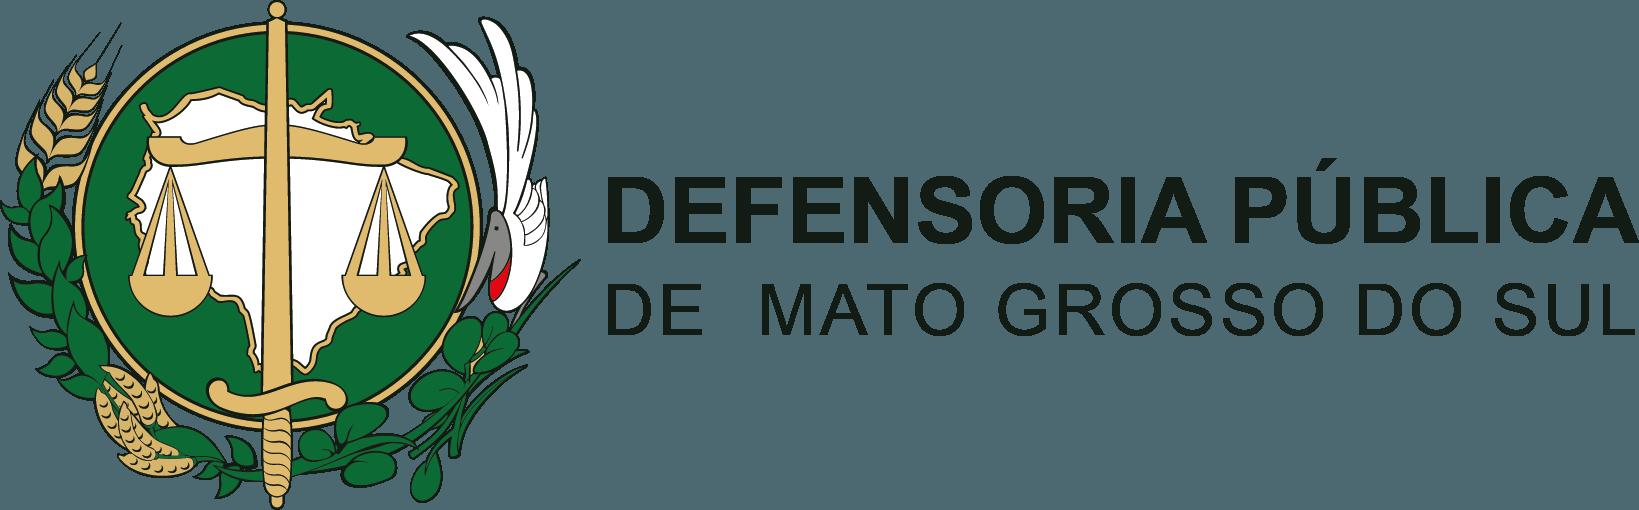 IMG-3-concurso-Defensoria-Pública-do-Estado-do-Mato-Grosso-do-Sul-edital-inscricoes